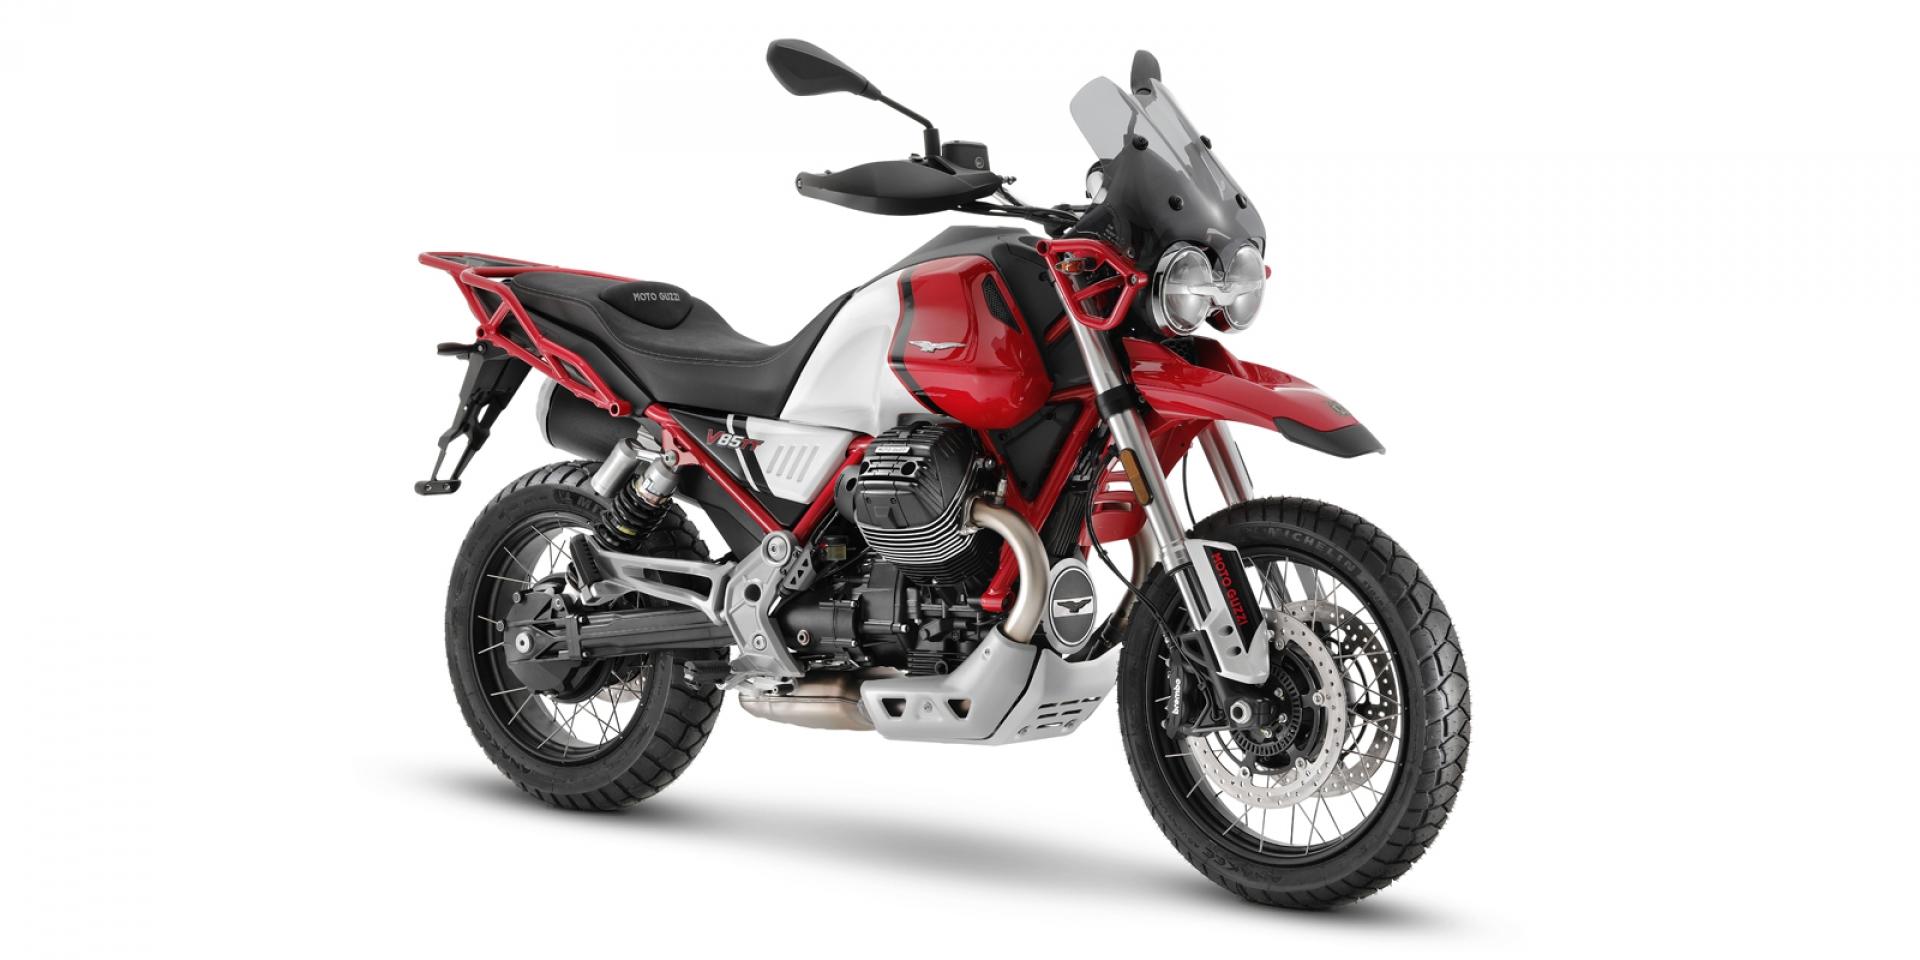 低轉扭力強化。2021 Moto Guzzi V85 TT 小改發表!